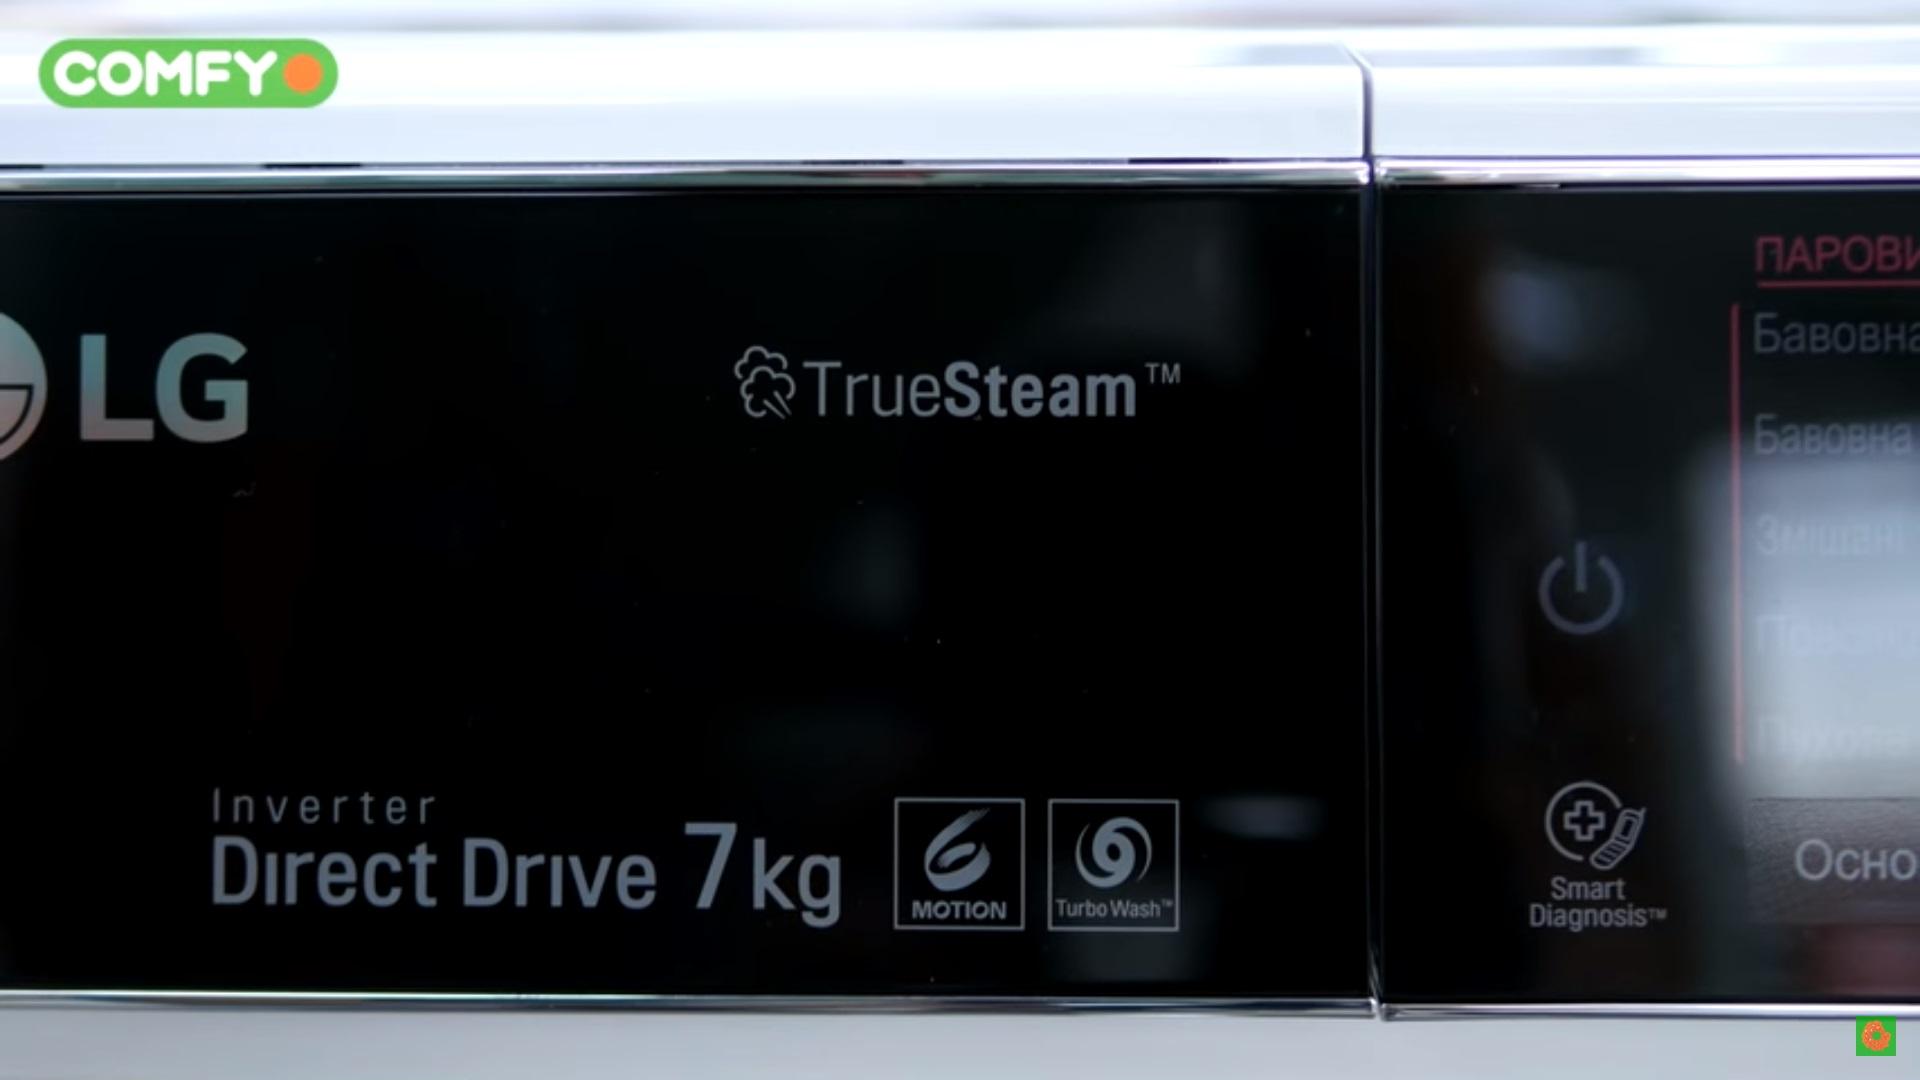 Зачем нужна функция ПАР в стиральных машинах - true steam